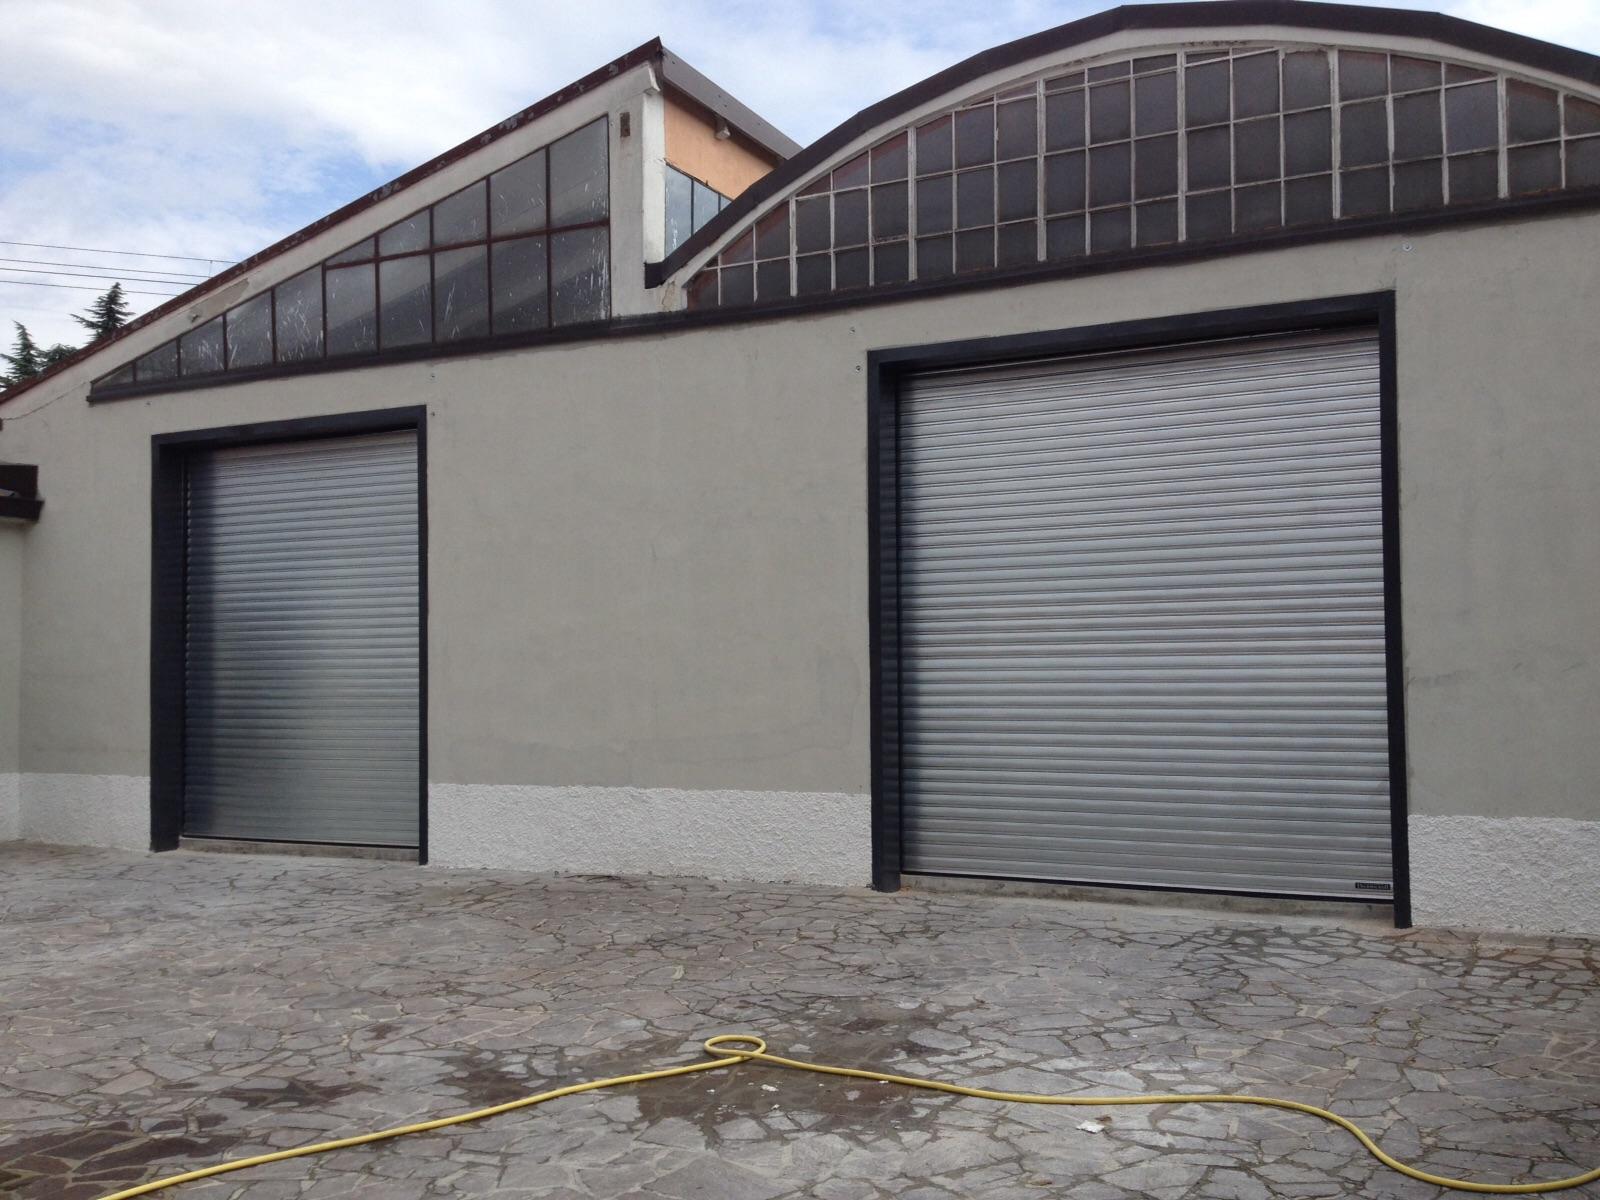 Rampe e punti di carico De Biasi Mantova, Modena, Reggio Emilia, Verona